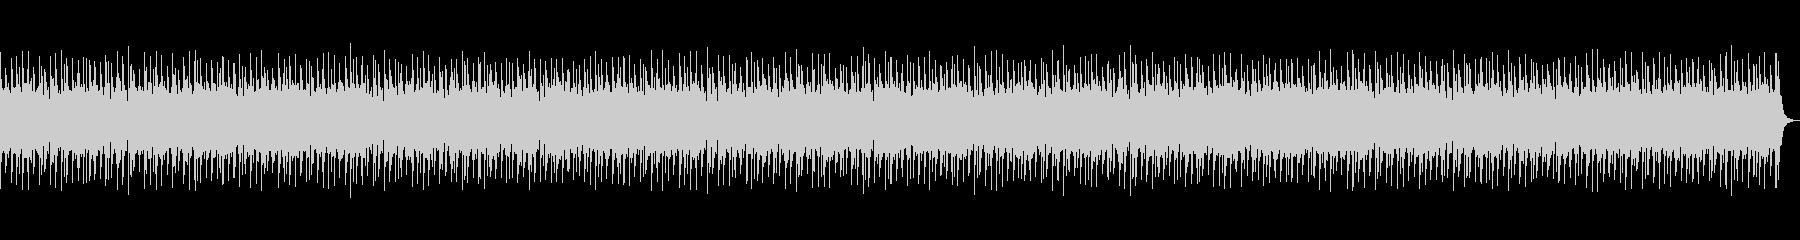 アフリカン、インディアンなBGMの未再生の波形